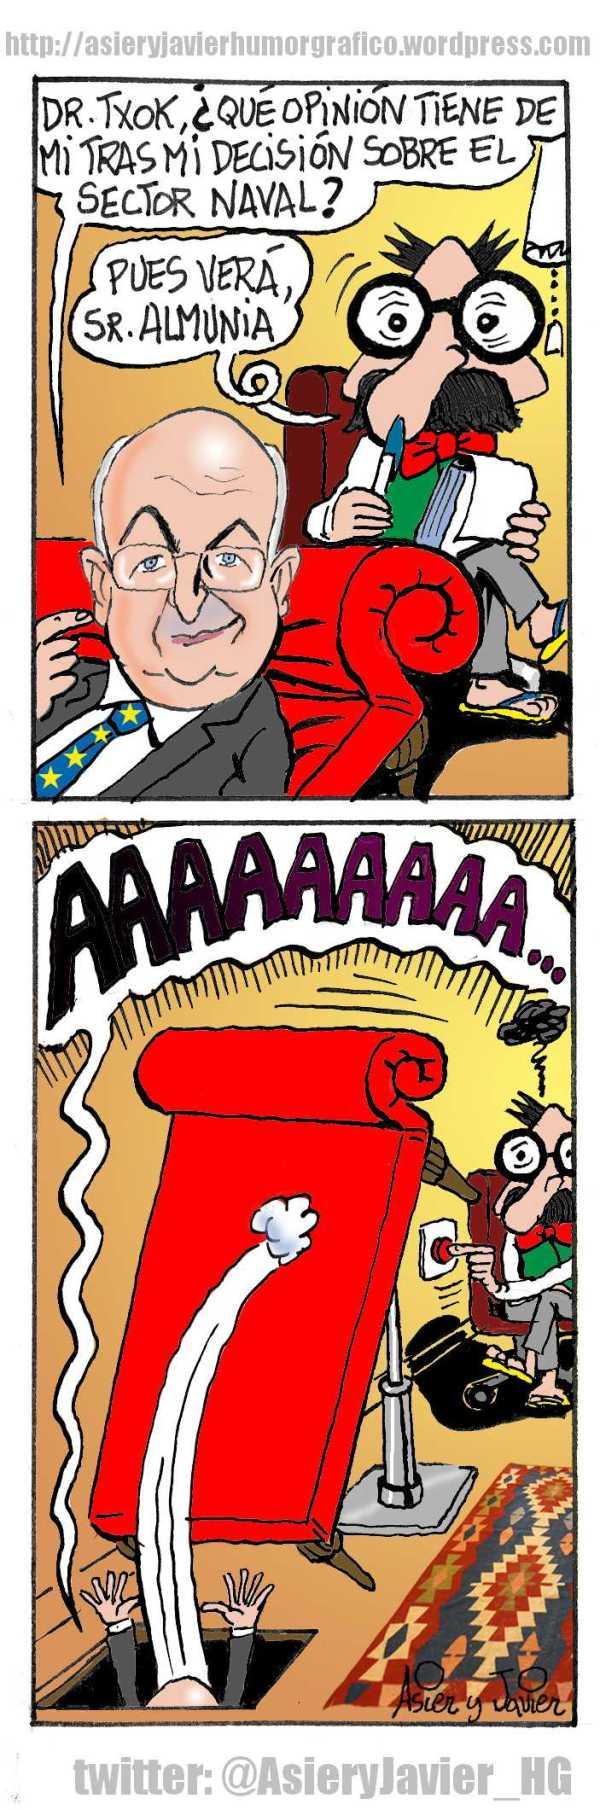 Almunia, los astilleros y el doctor Txok. Caricatura, Asier y Javier